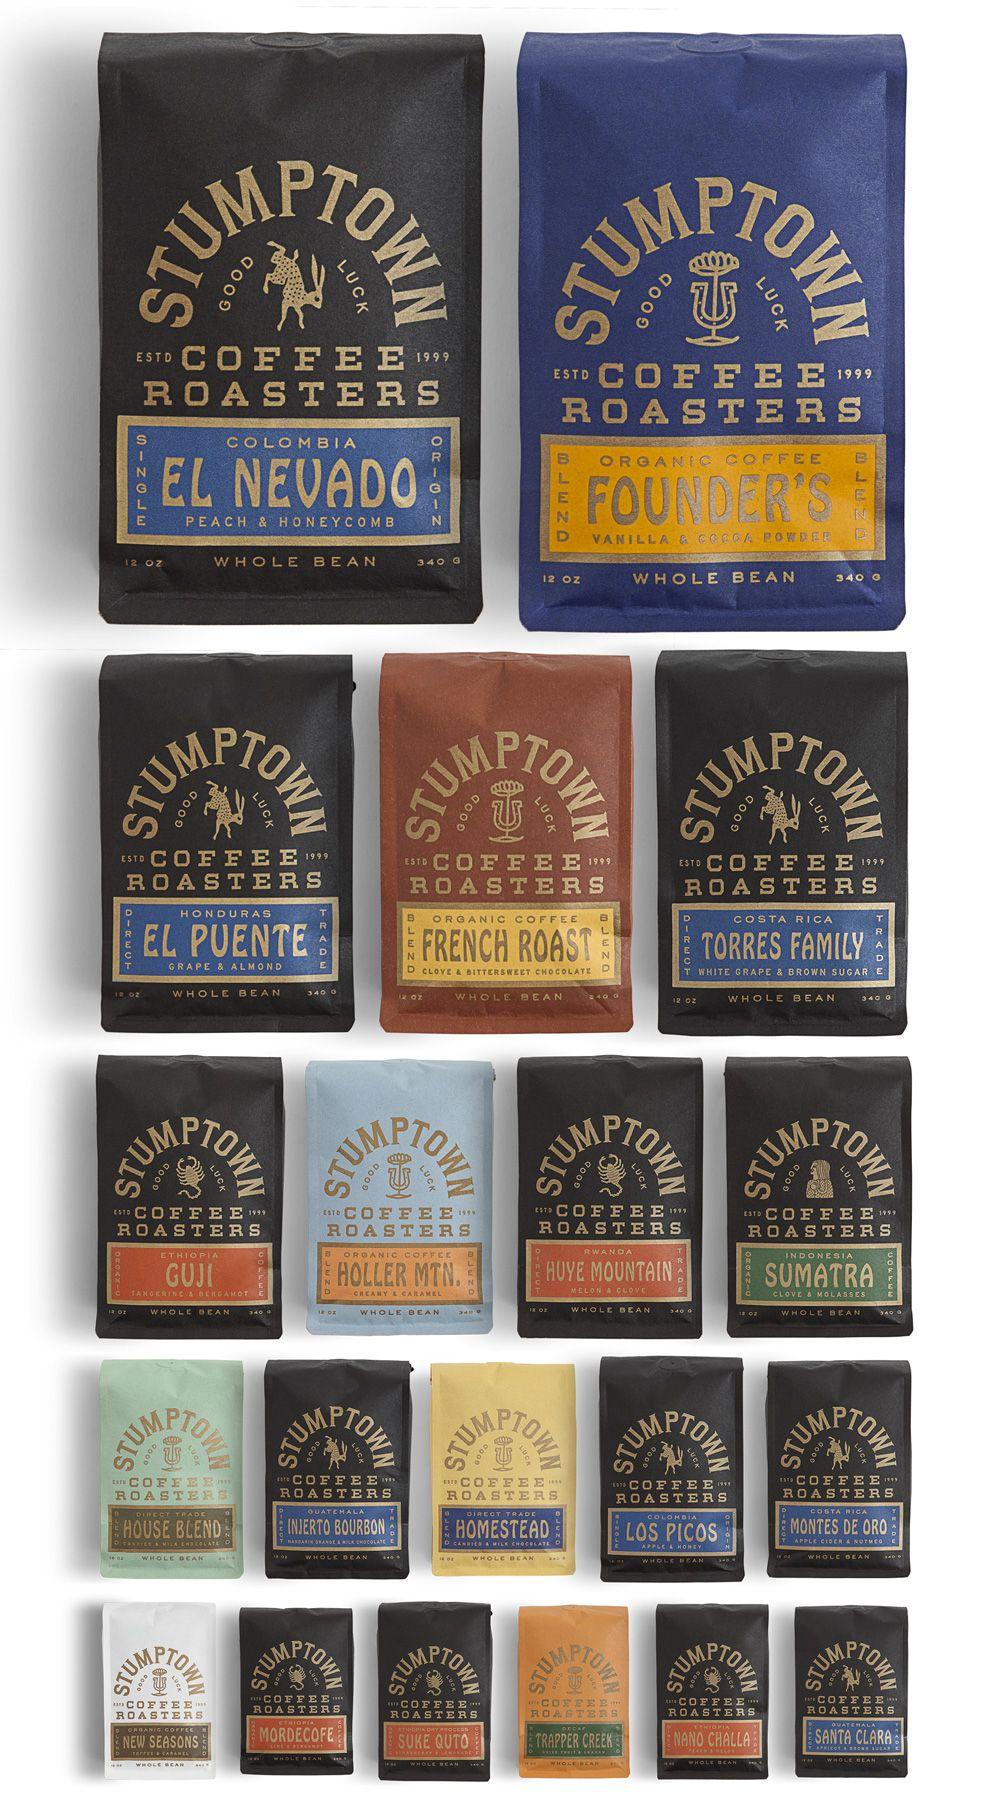 New Packaging For Stumptown Coffee Roasters By Land Stumptown Coffee Roasters Stumptown Coffee Coffee Packaging